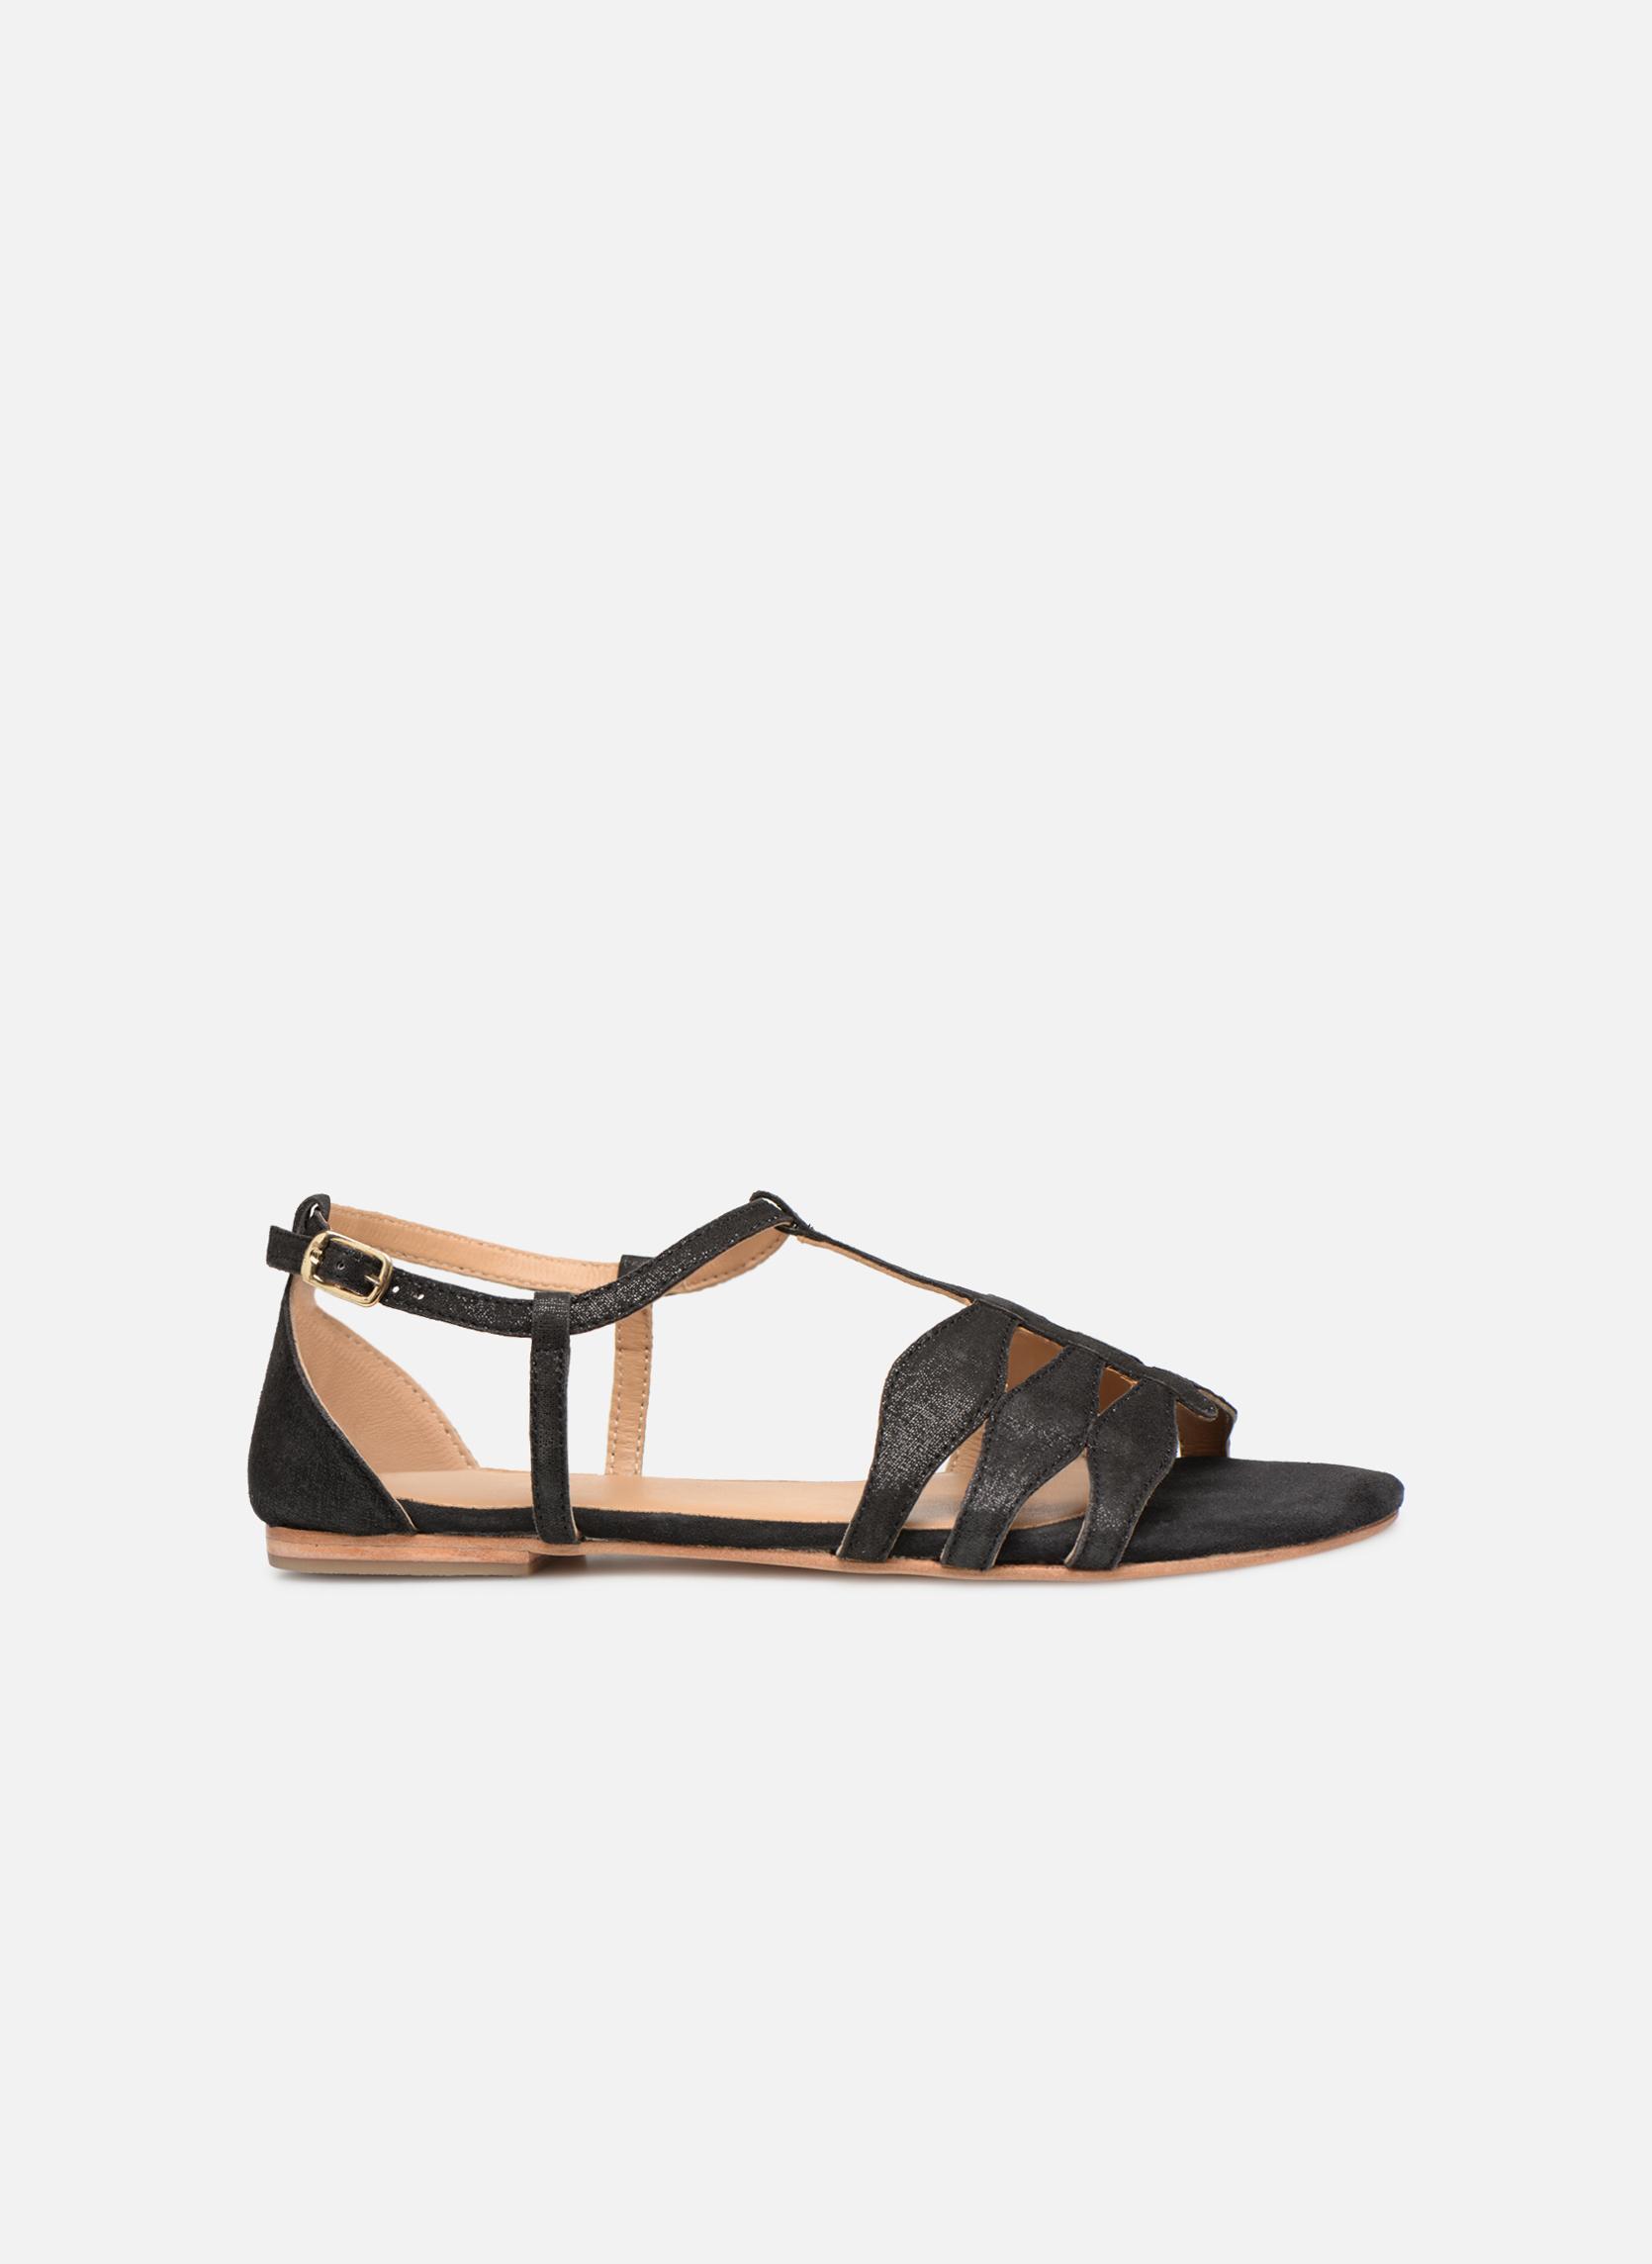 Descuento por tiempo limitado Made by SARENZA Bombay Babes Sandales Plates #4 (Negro) - Sandalias en Más cómodo